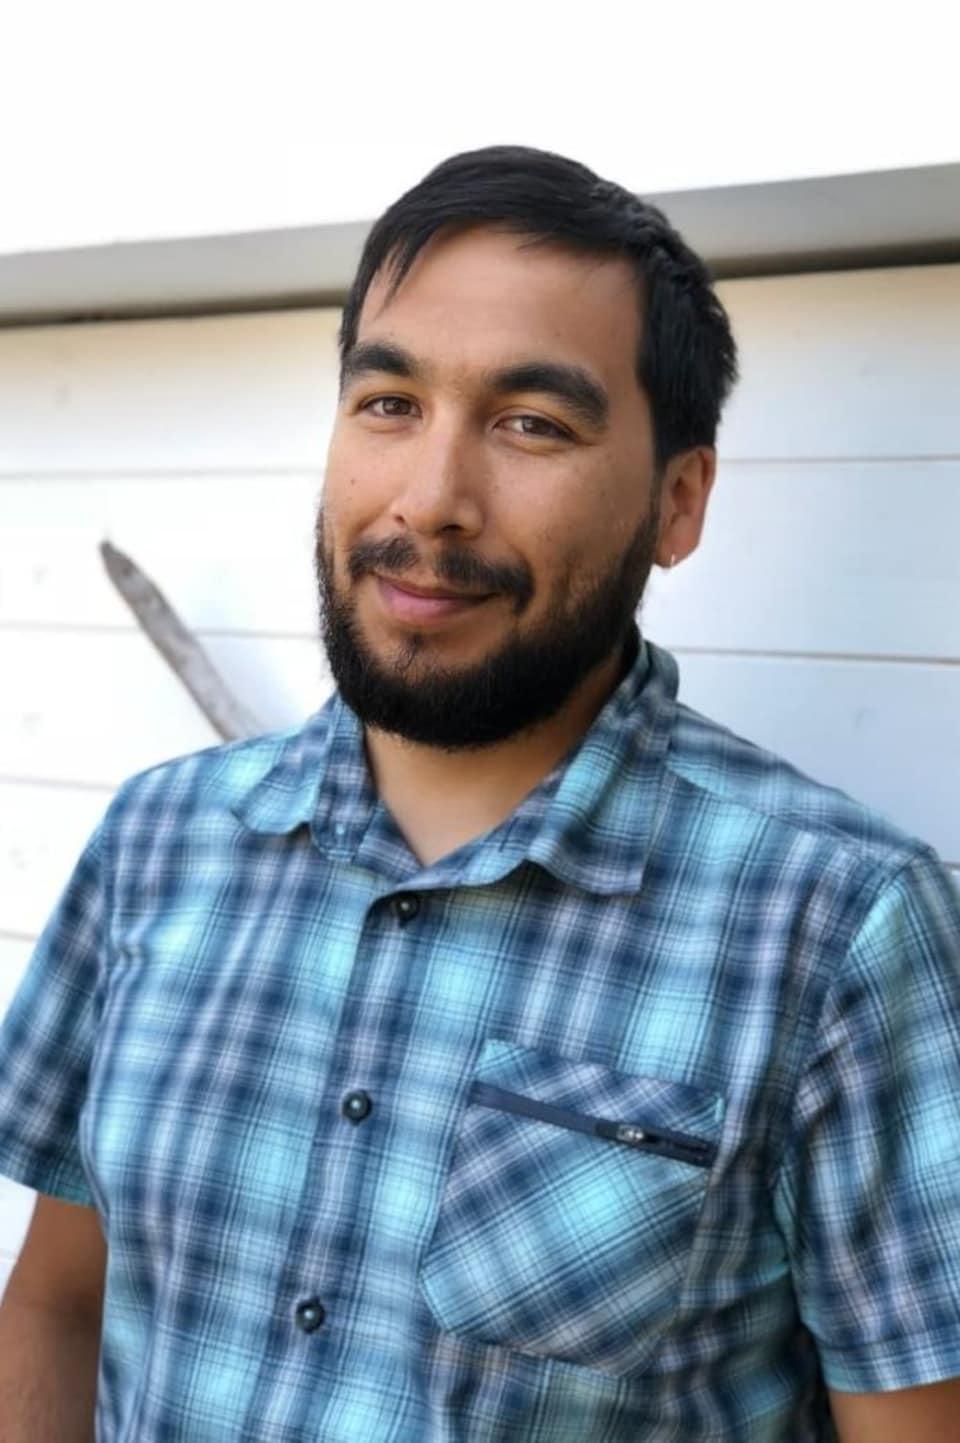 Un homme barbu pose à l'extérieur.